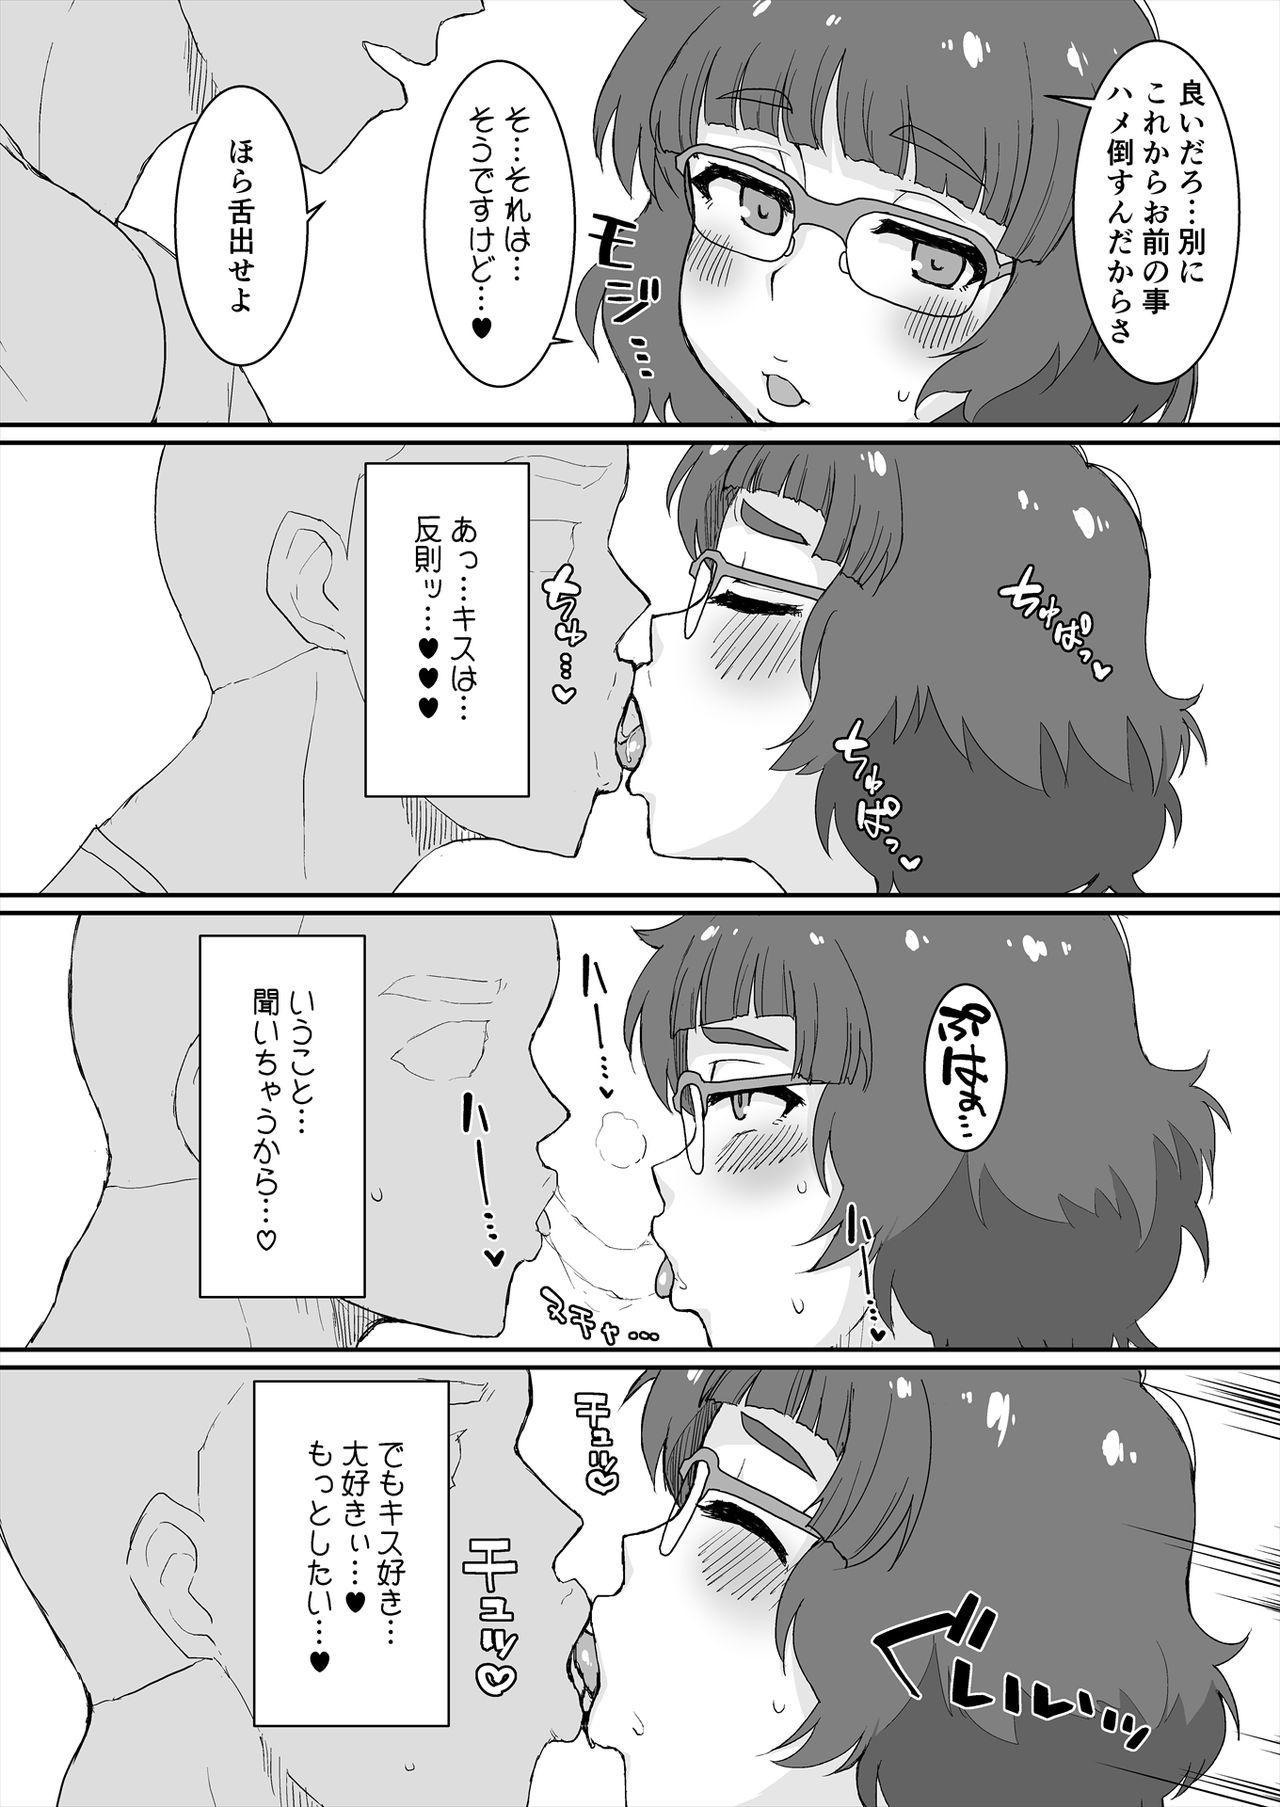 Omake no Matome+ 5